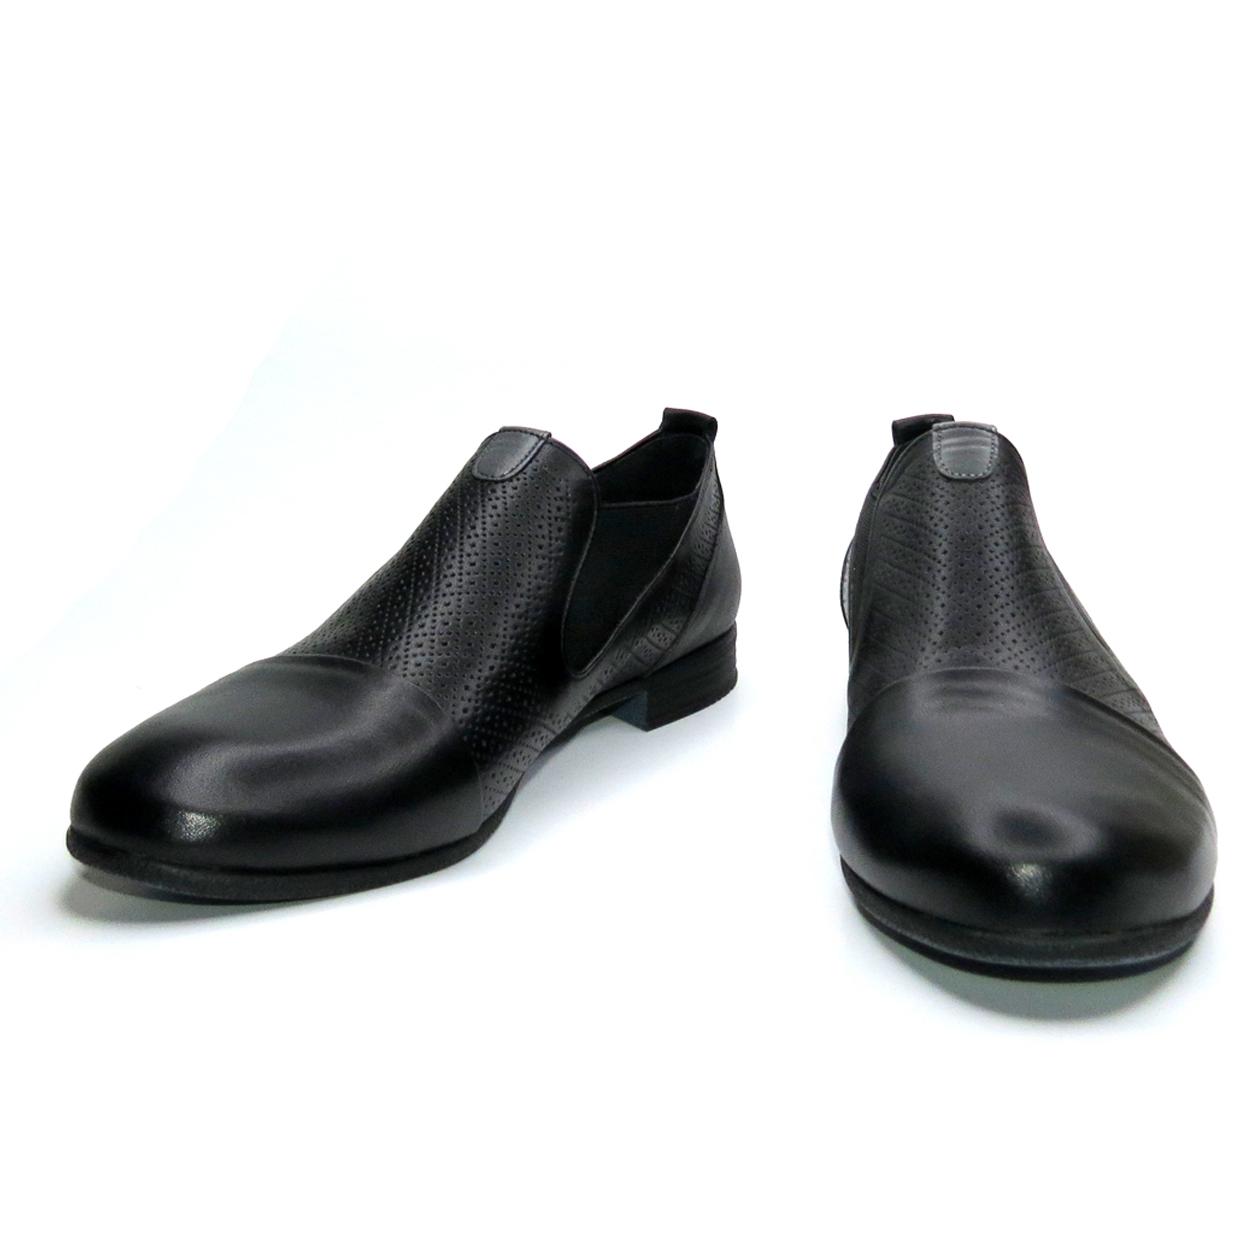 کفش زنانه آر اند دبلیو مدل 611 رنگ مشکی -  - 7